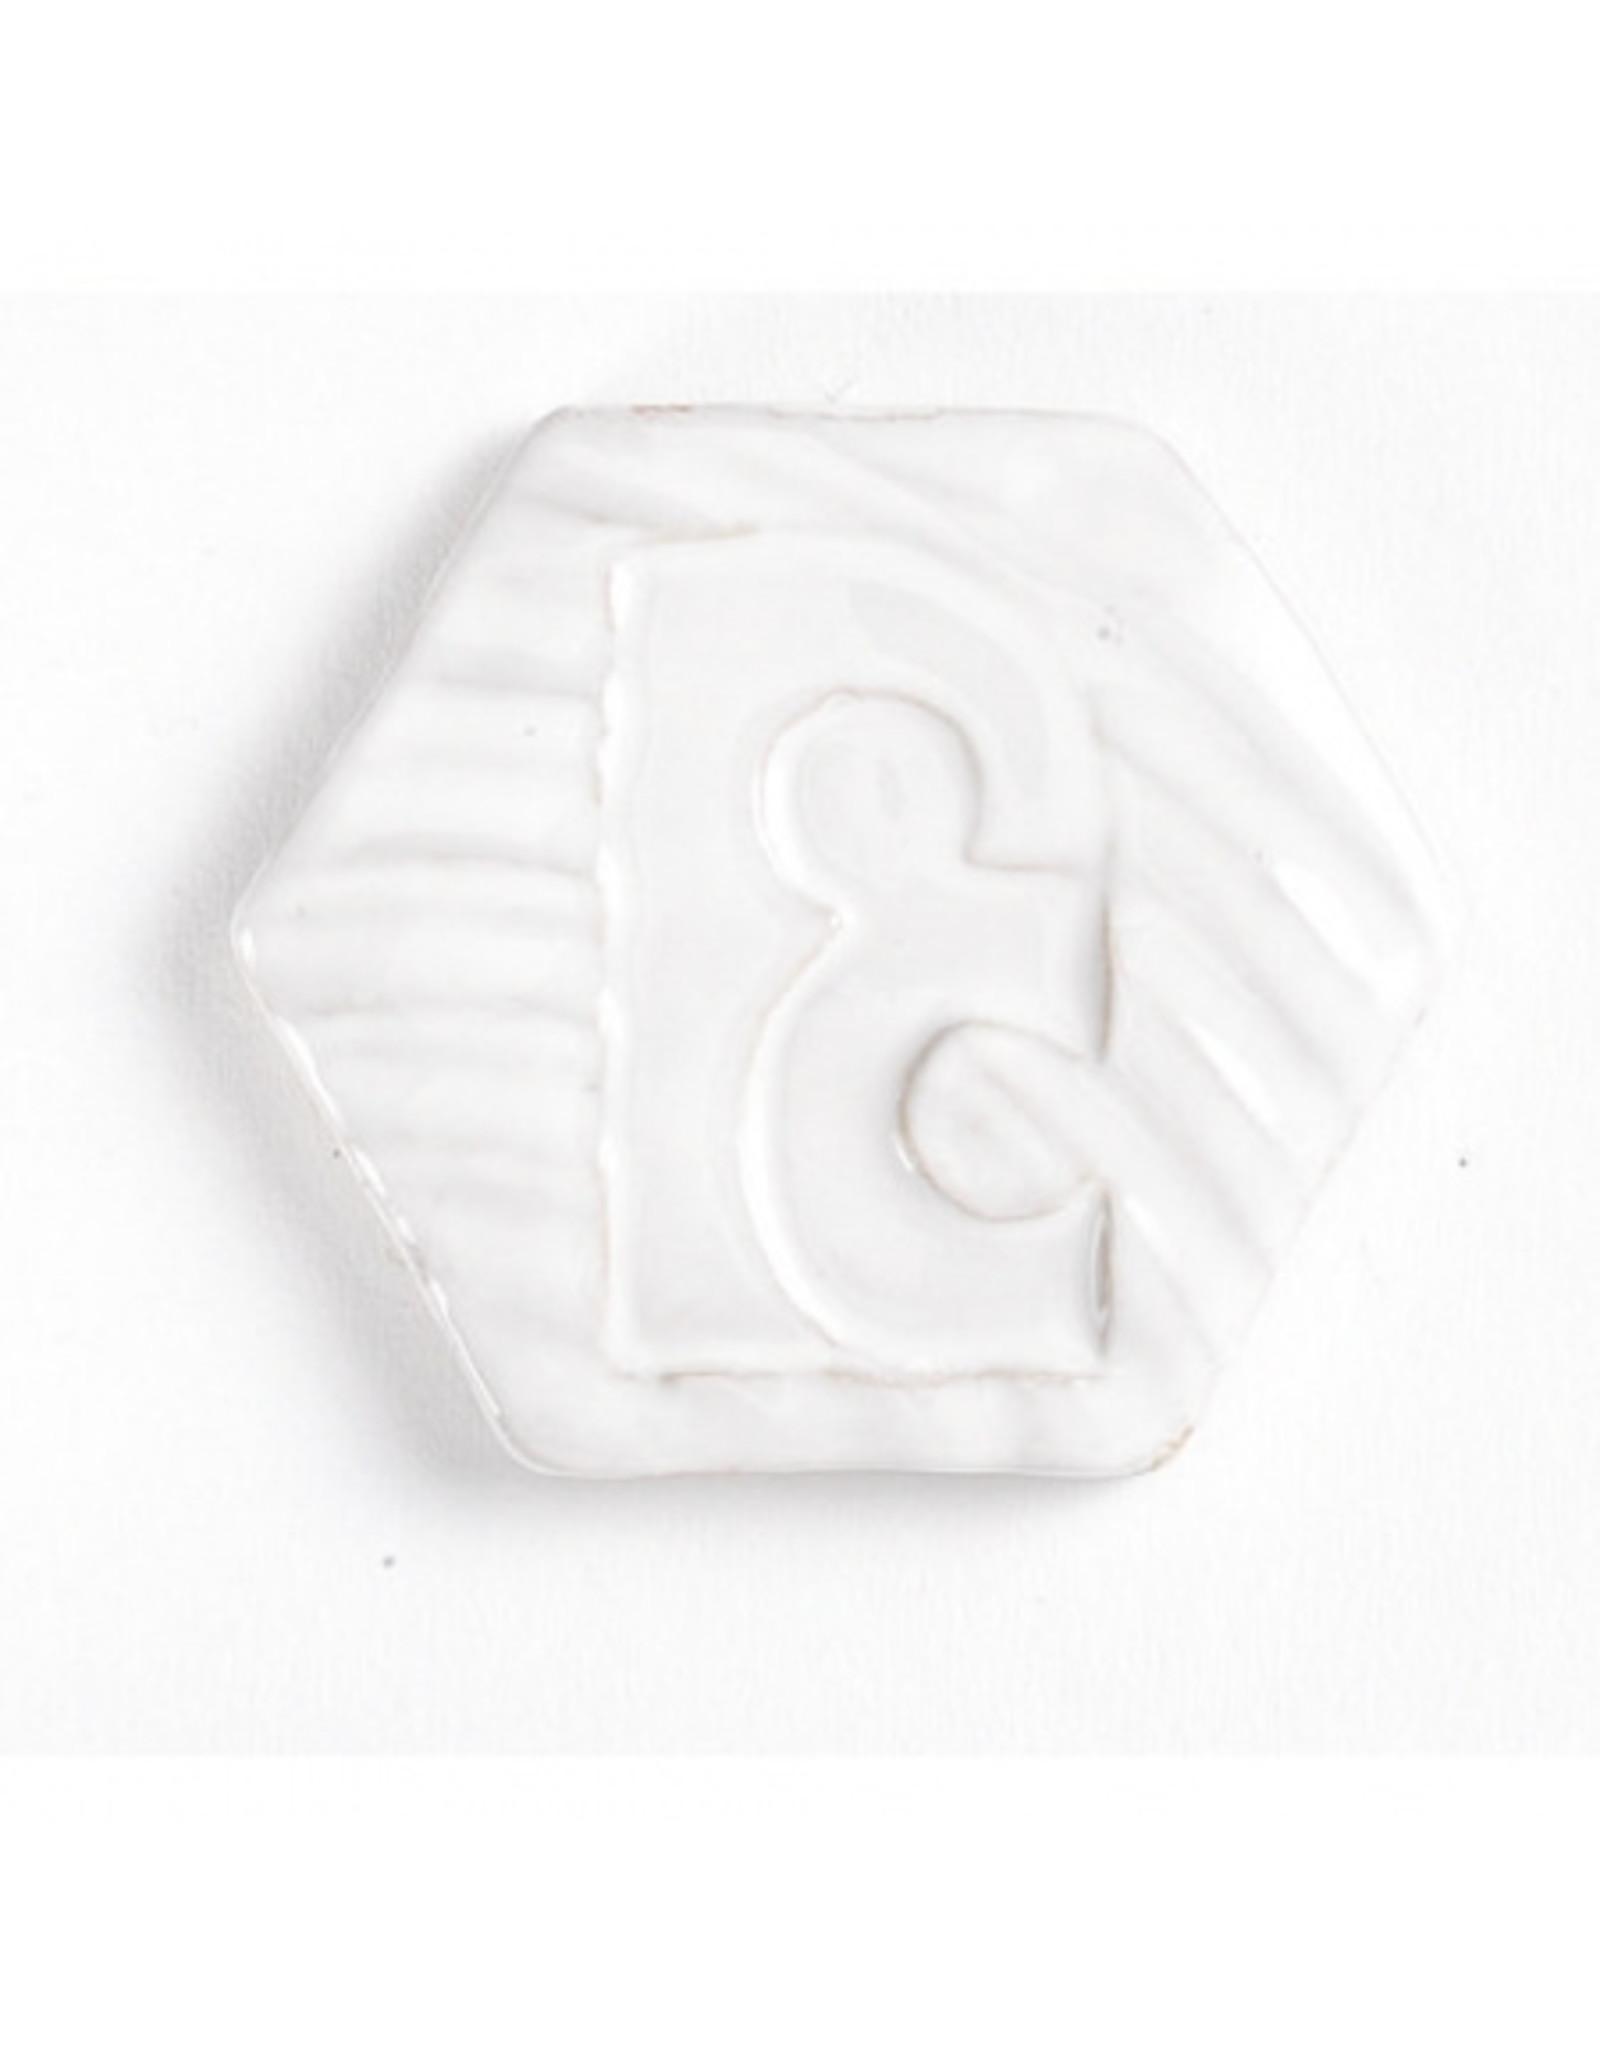 Potterycrafts Brush-on Stoneware Glaze - White 500ml